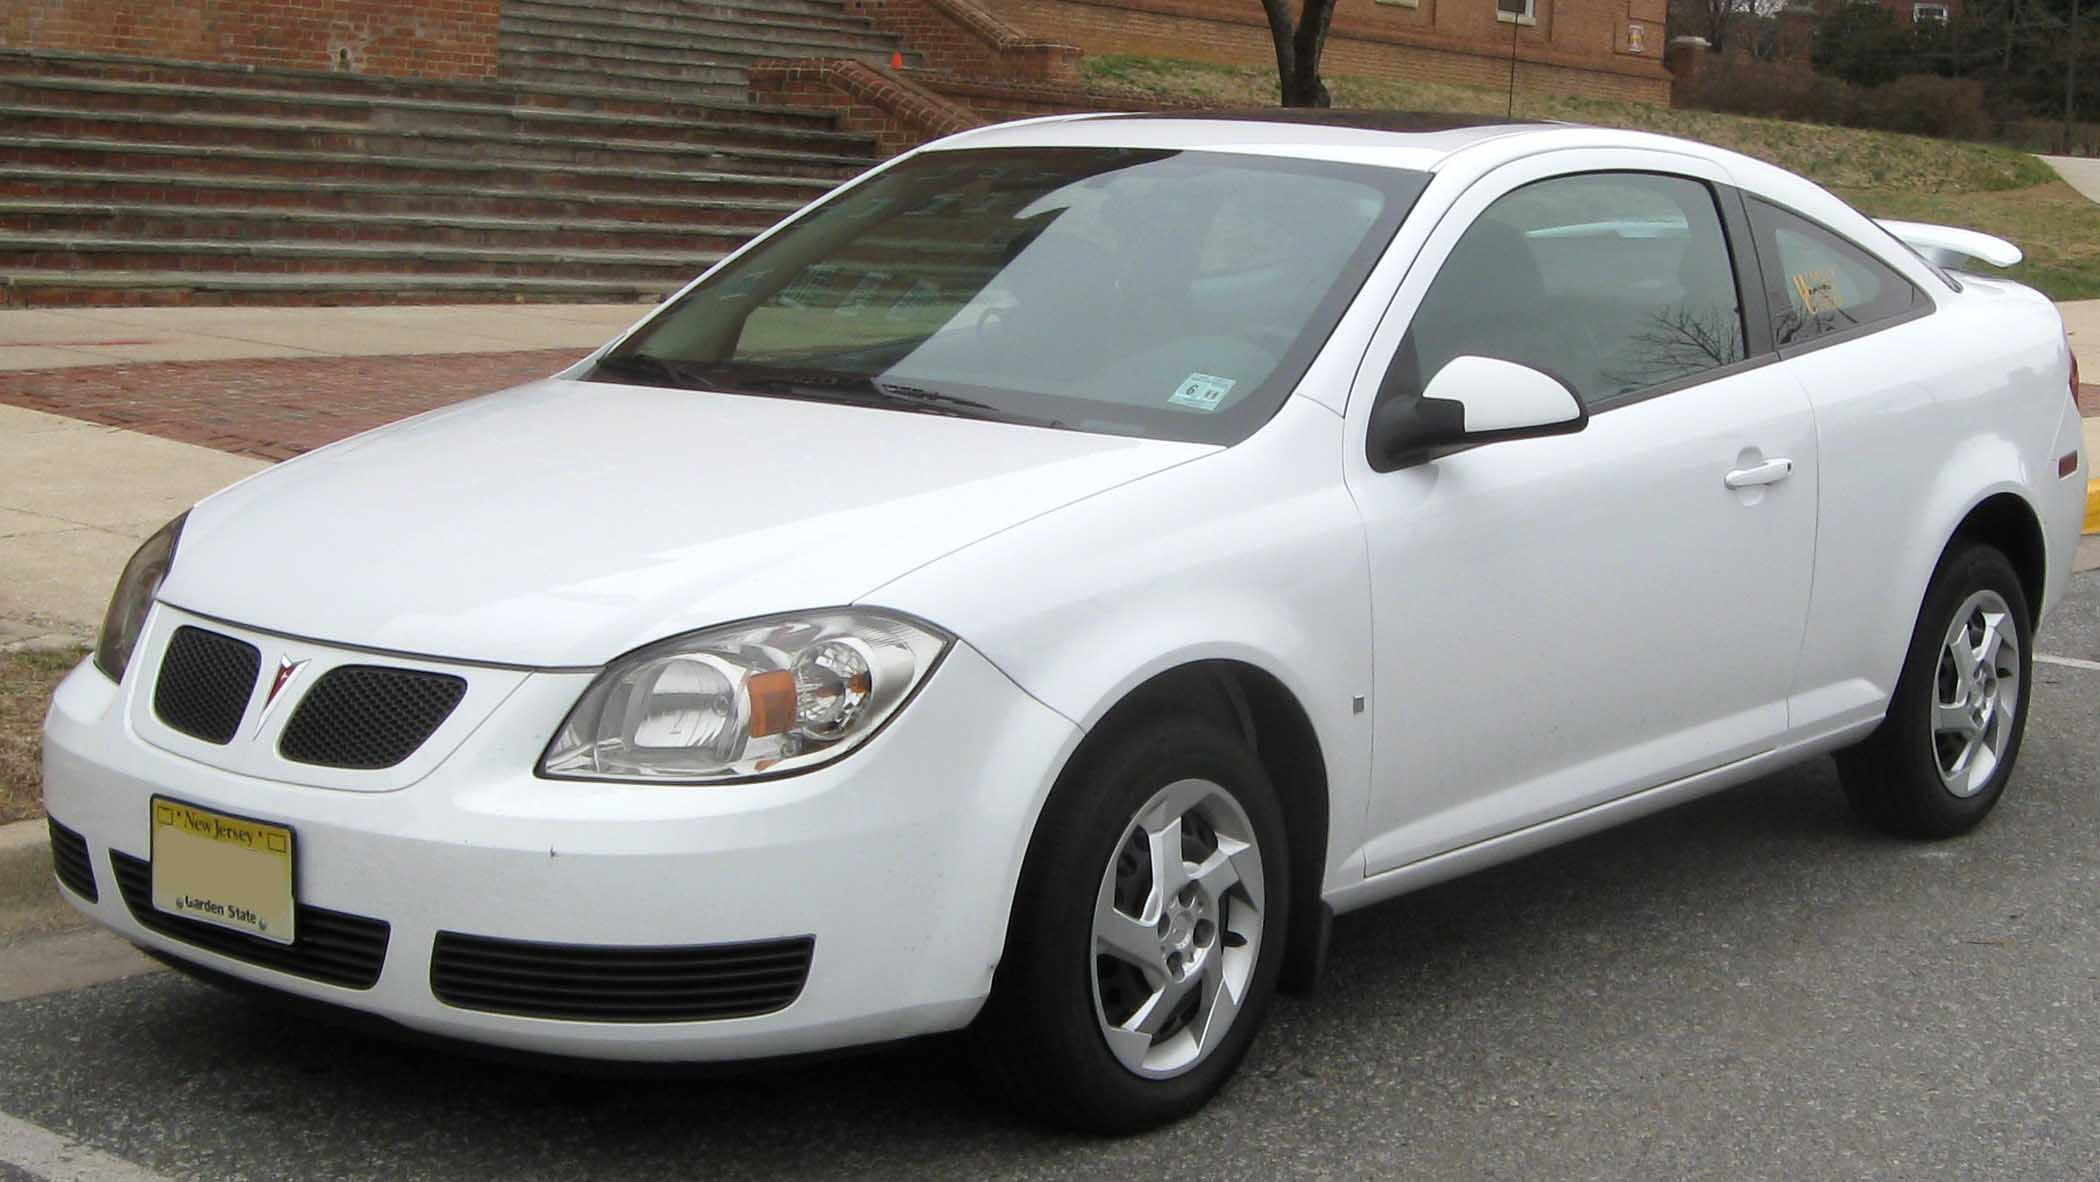 Pontiac G5 2004 - 2010 Coupe #5